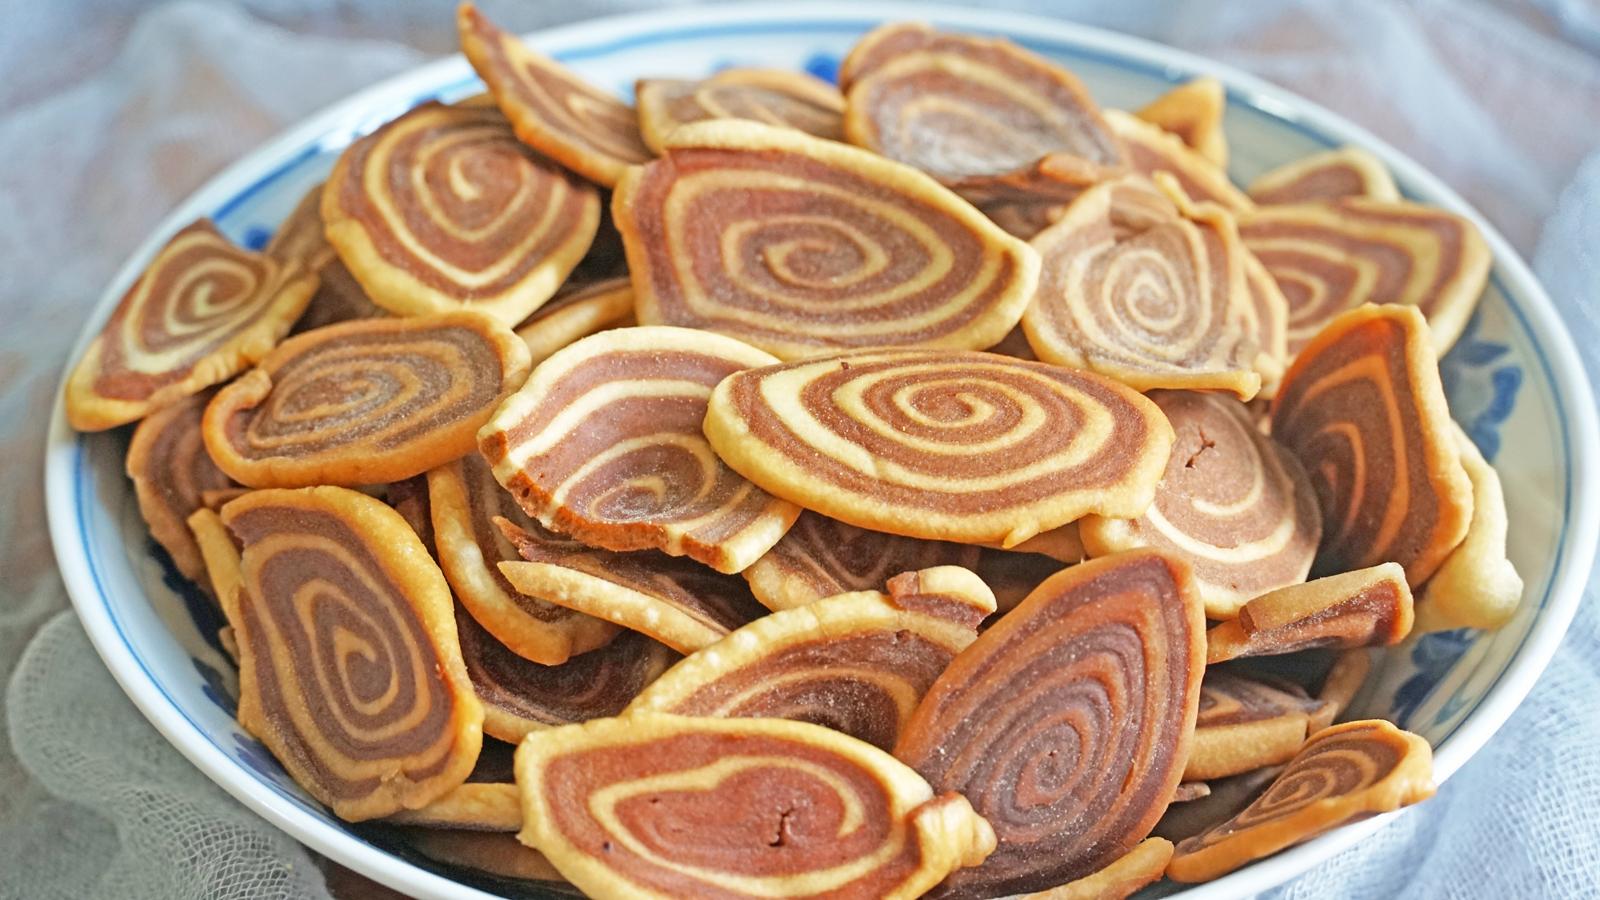 六一快到了,分享10款甜品小吃做法,好做好吃,家有小孩的快收藏